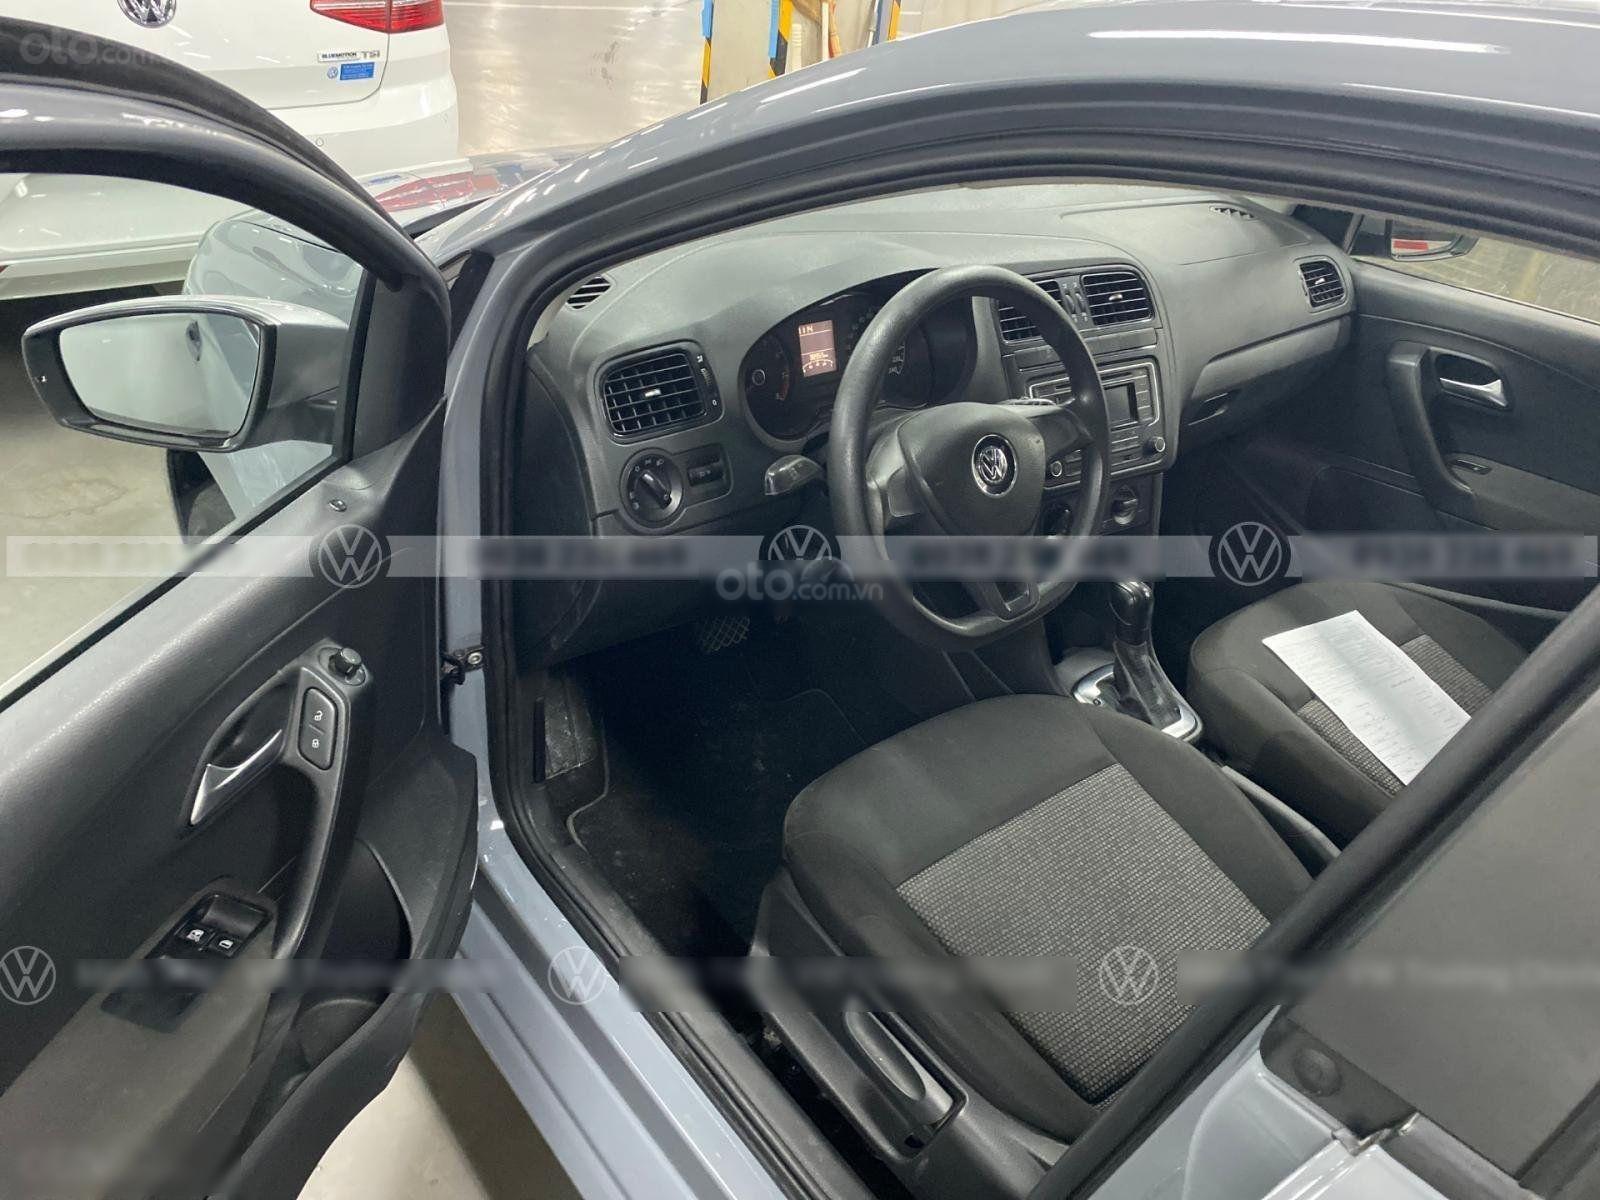 Bán Polo Hatchback màu xám xi măng (sơn lại màu) đẹp - độc - lạ, nhập khẩu chỉ với 579 triệu (8)